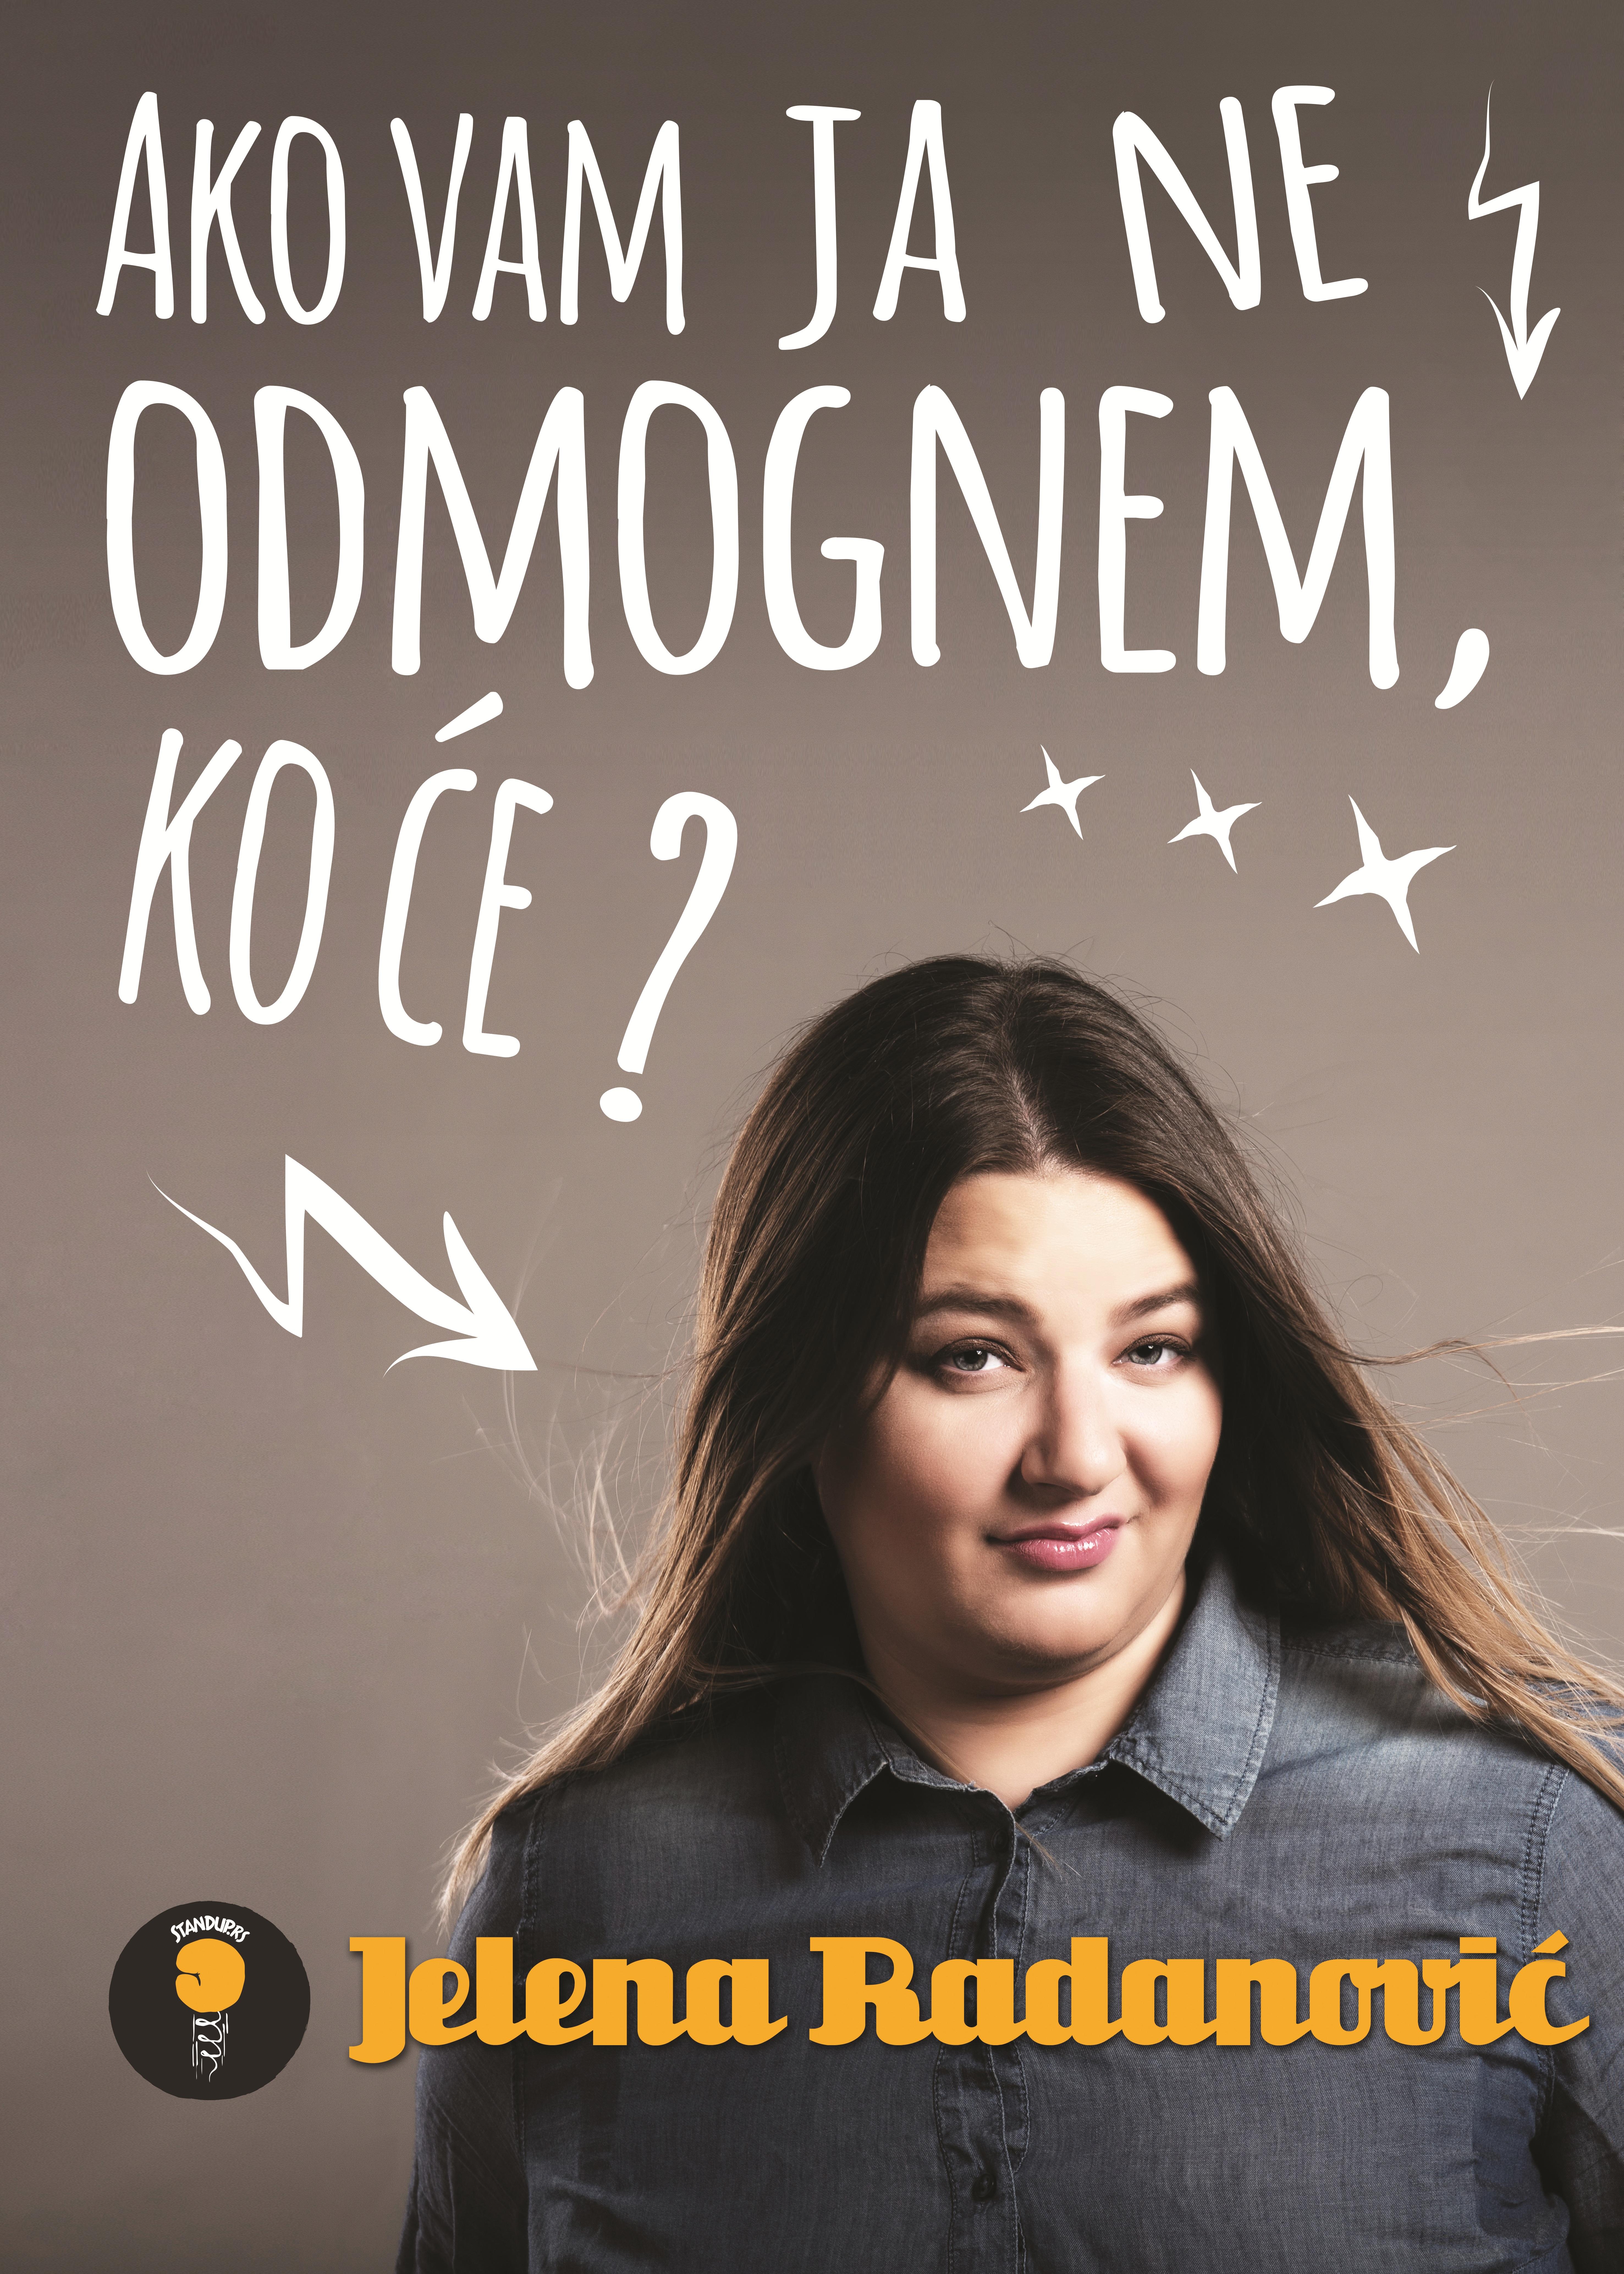 Jelena Radanović - Ako vam ja ne pomognem, ko će